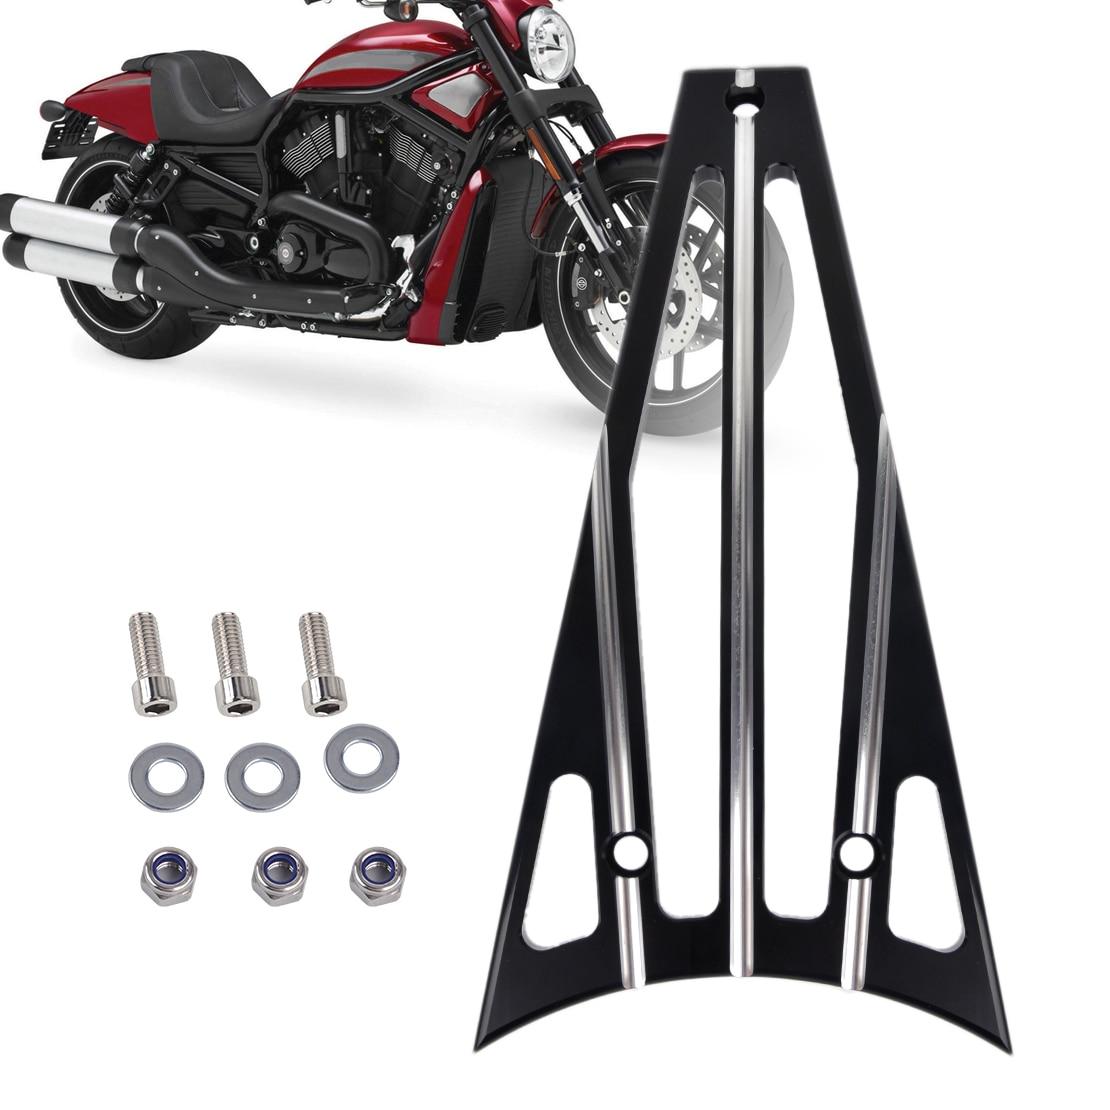 DWCX их деталями 3 колонки заготовки глубокий порез Рамка решетка, пригодный для Harley Электра скольжения дорога дороге короля Стрит Глайд 2009 2010 - 2013